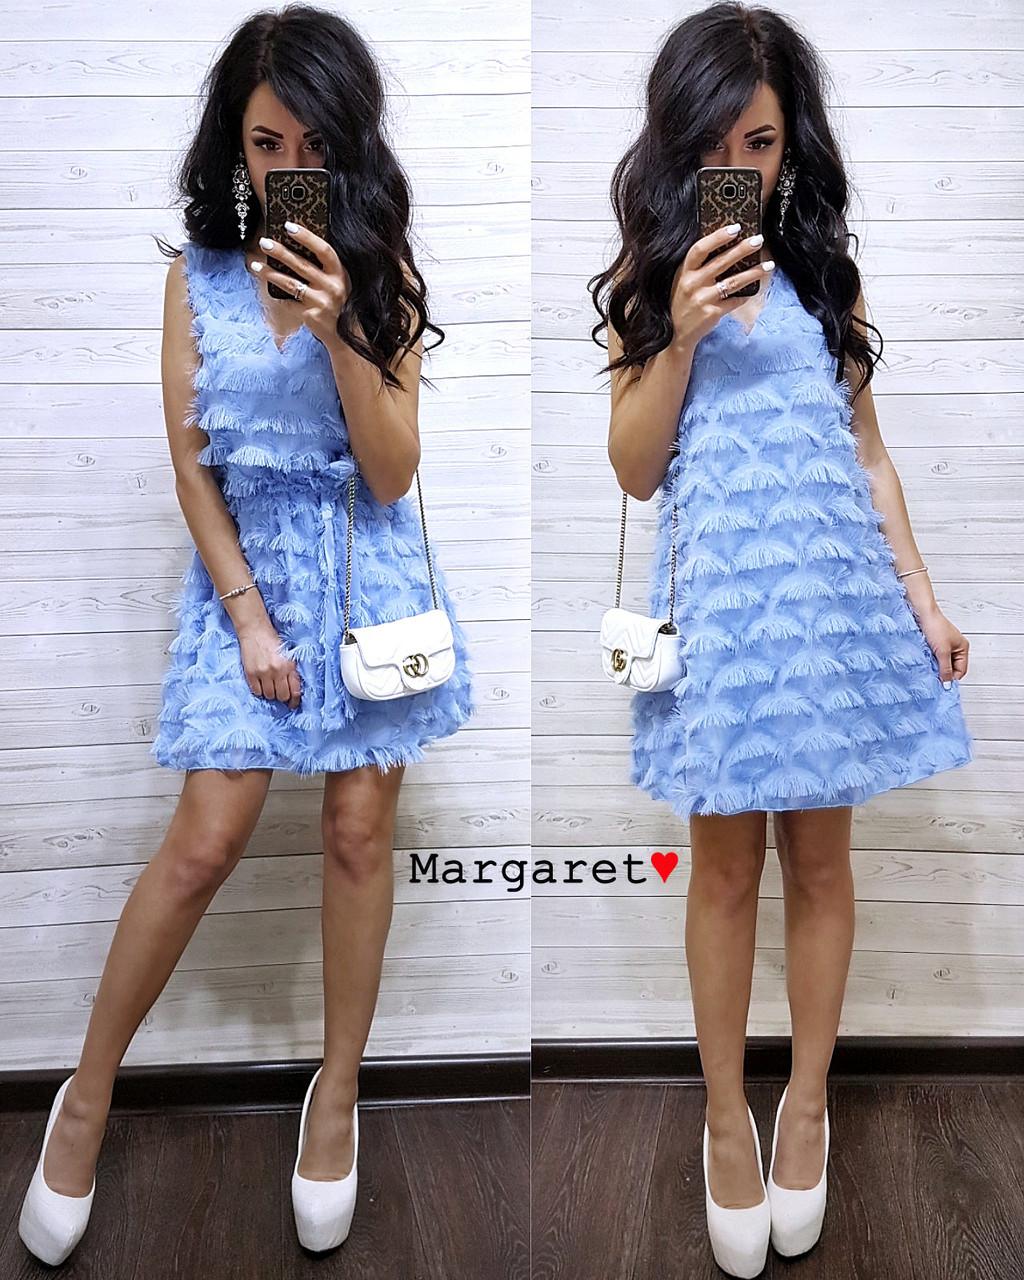 bffe2707423 Платье стильно и красивое